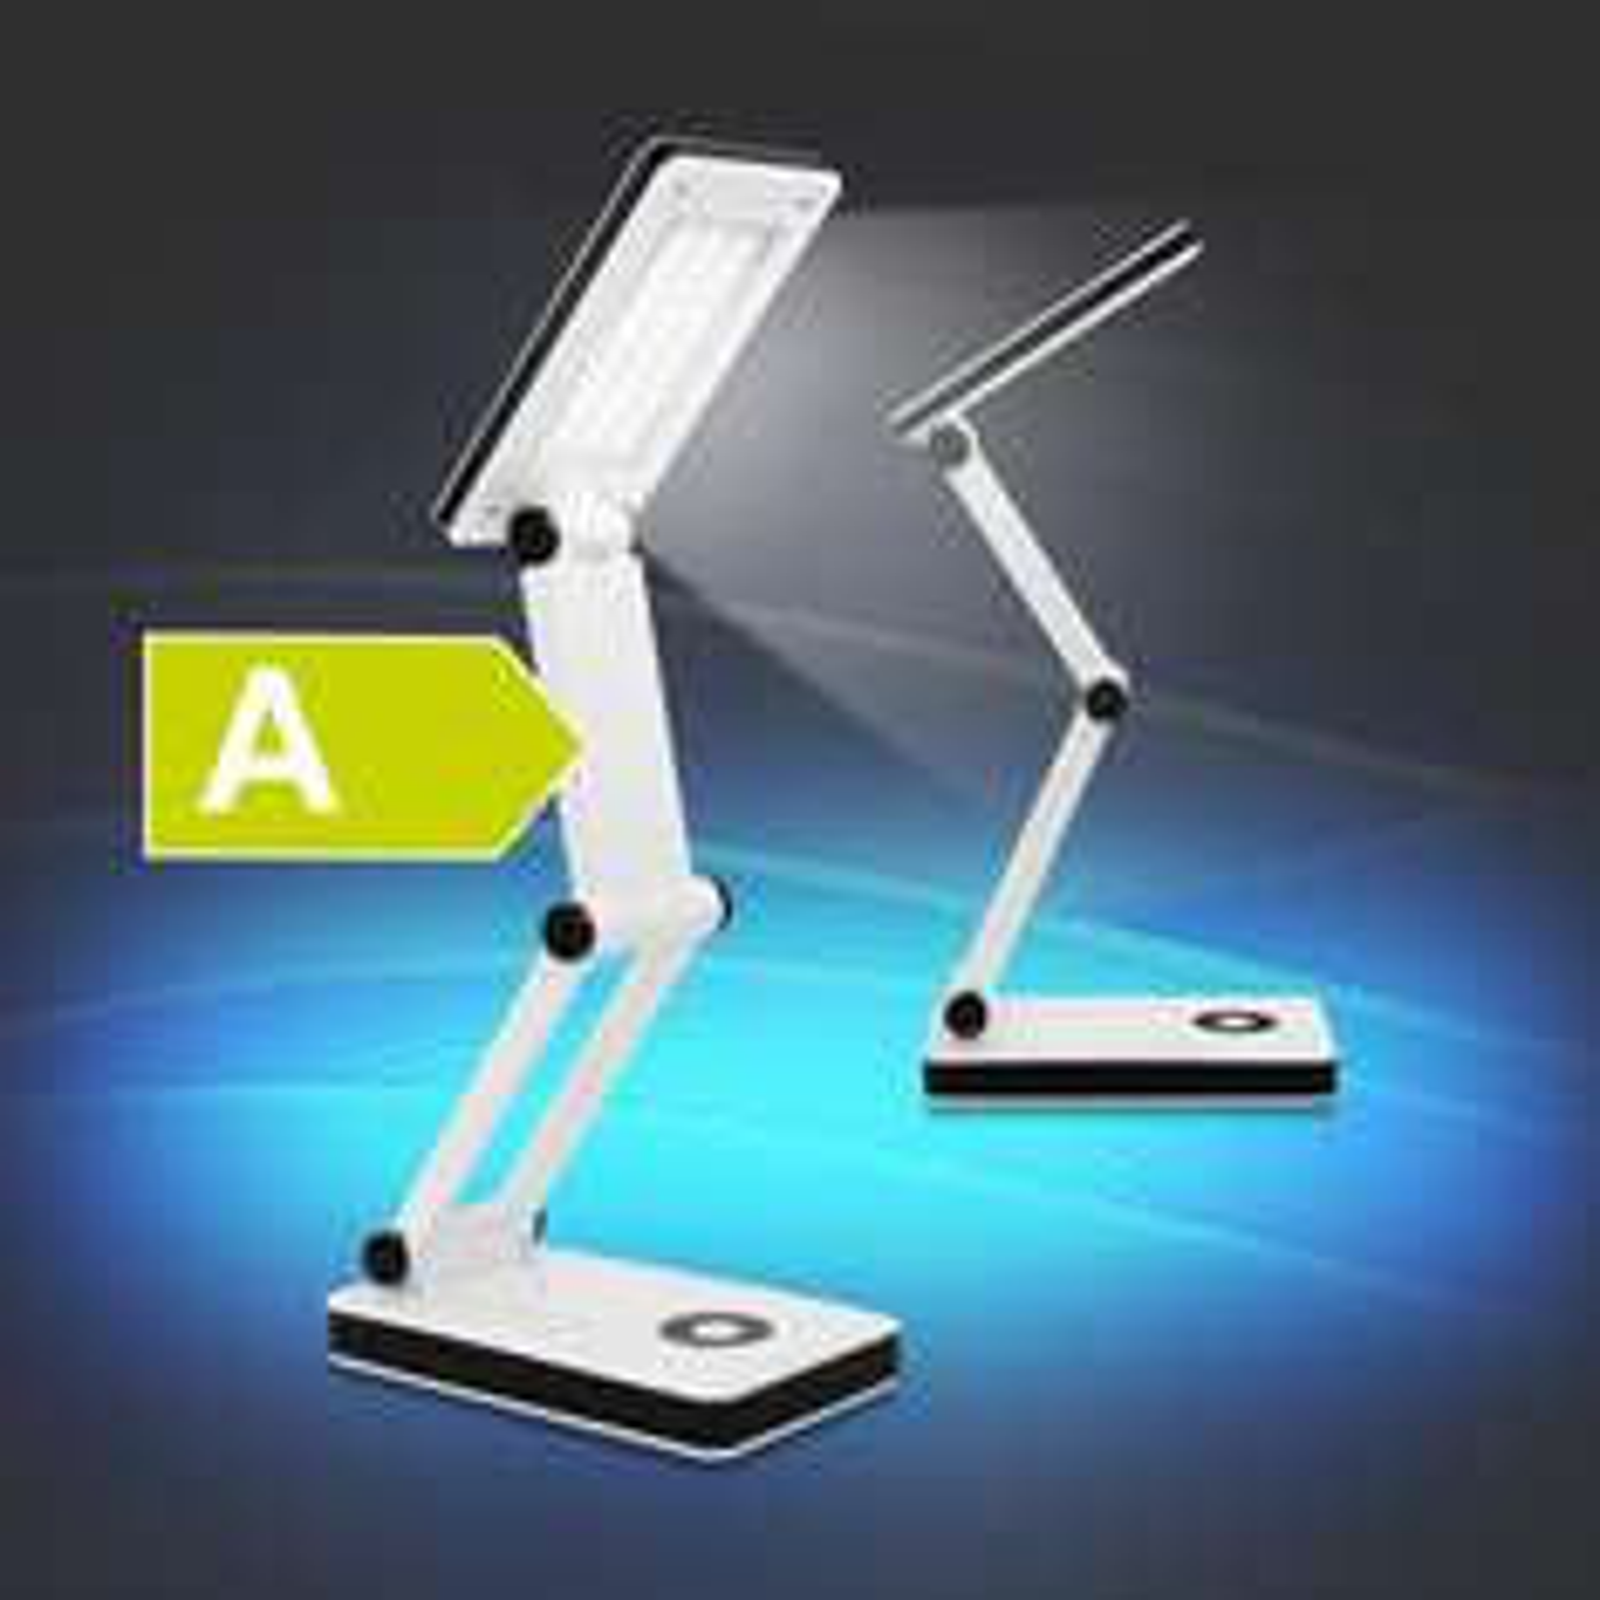 30 LED Flexible Tischlampe nur 9,99€ inkl. VK statt 19,99€.